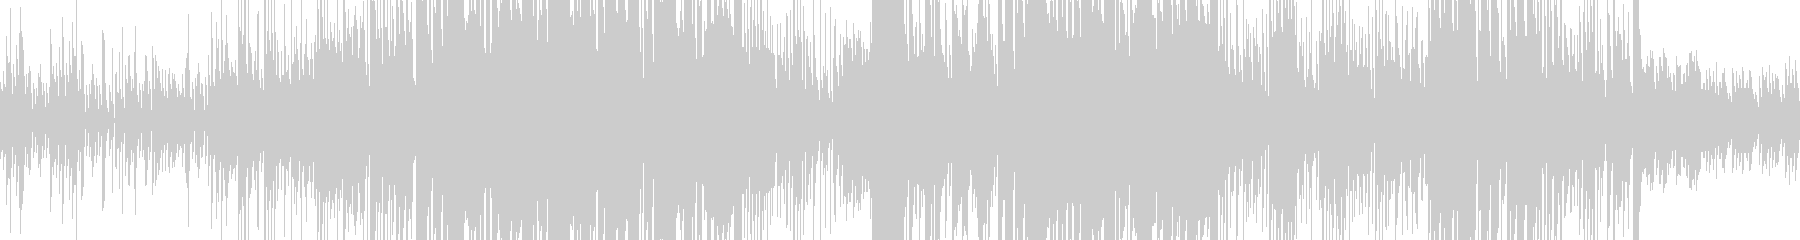 ピアノのリフが印象的で科学な雰囲気の未再生の波形